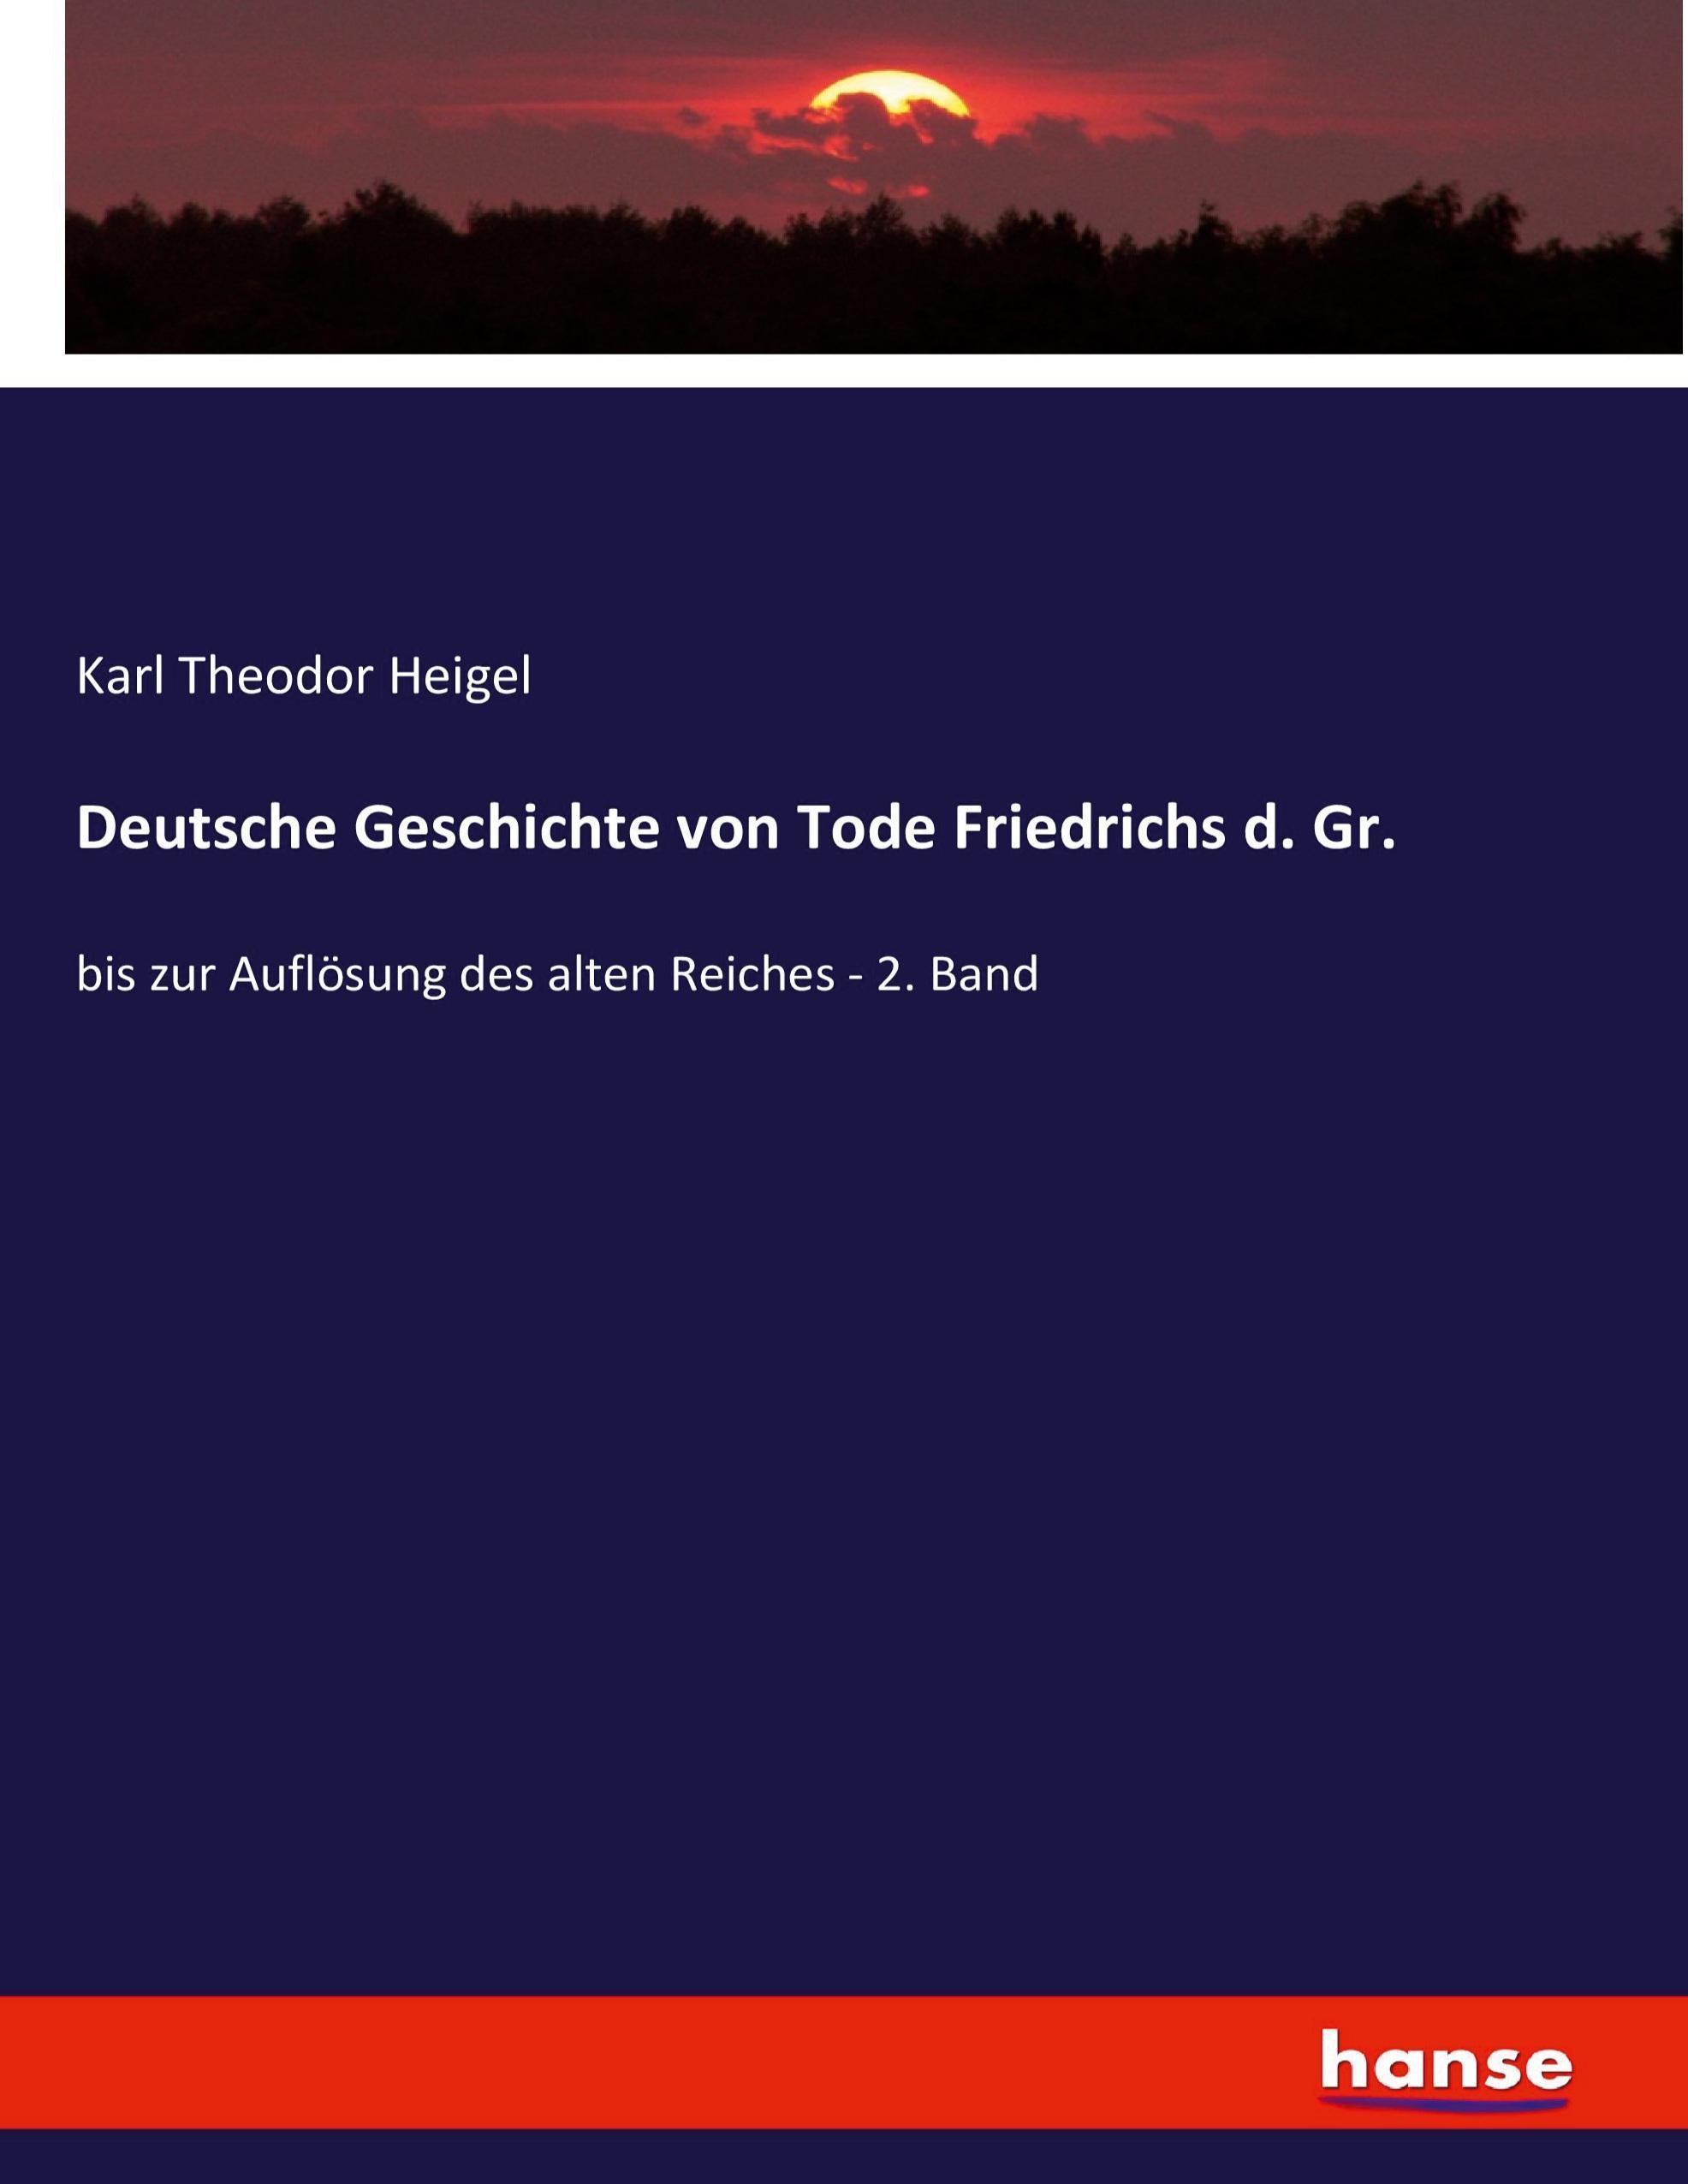 Deutsche Geschichte von Tode Friedrichs d. Gr. Karl Theodor Heigel